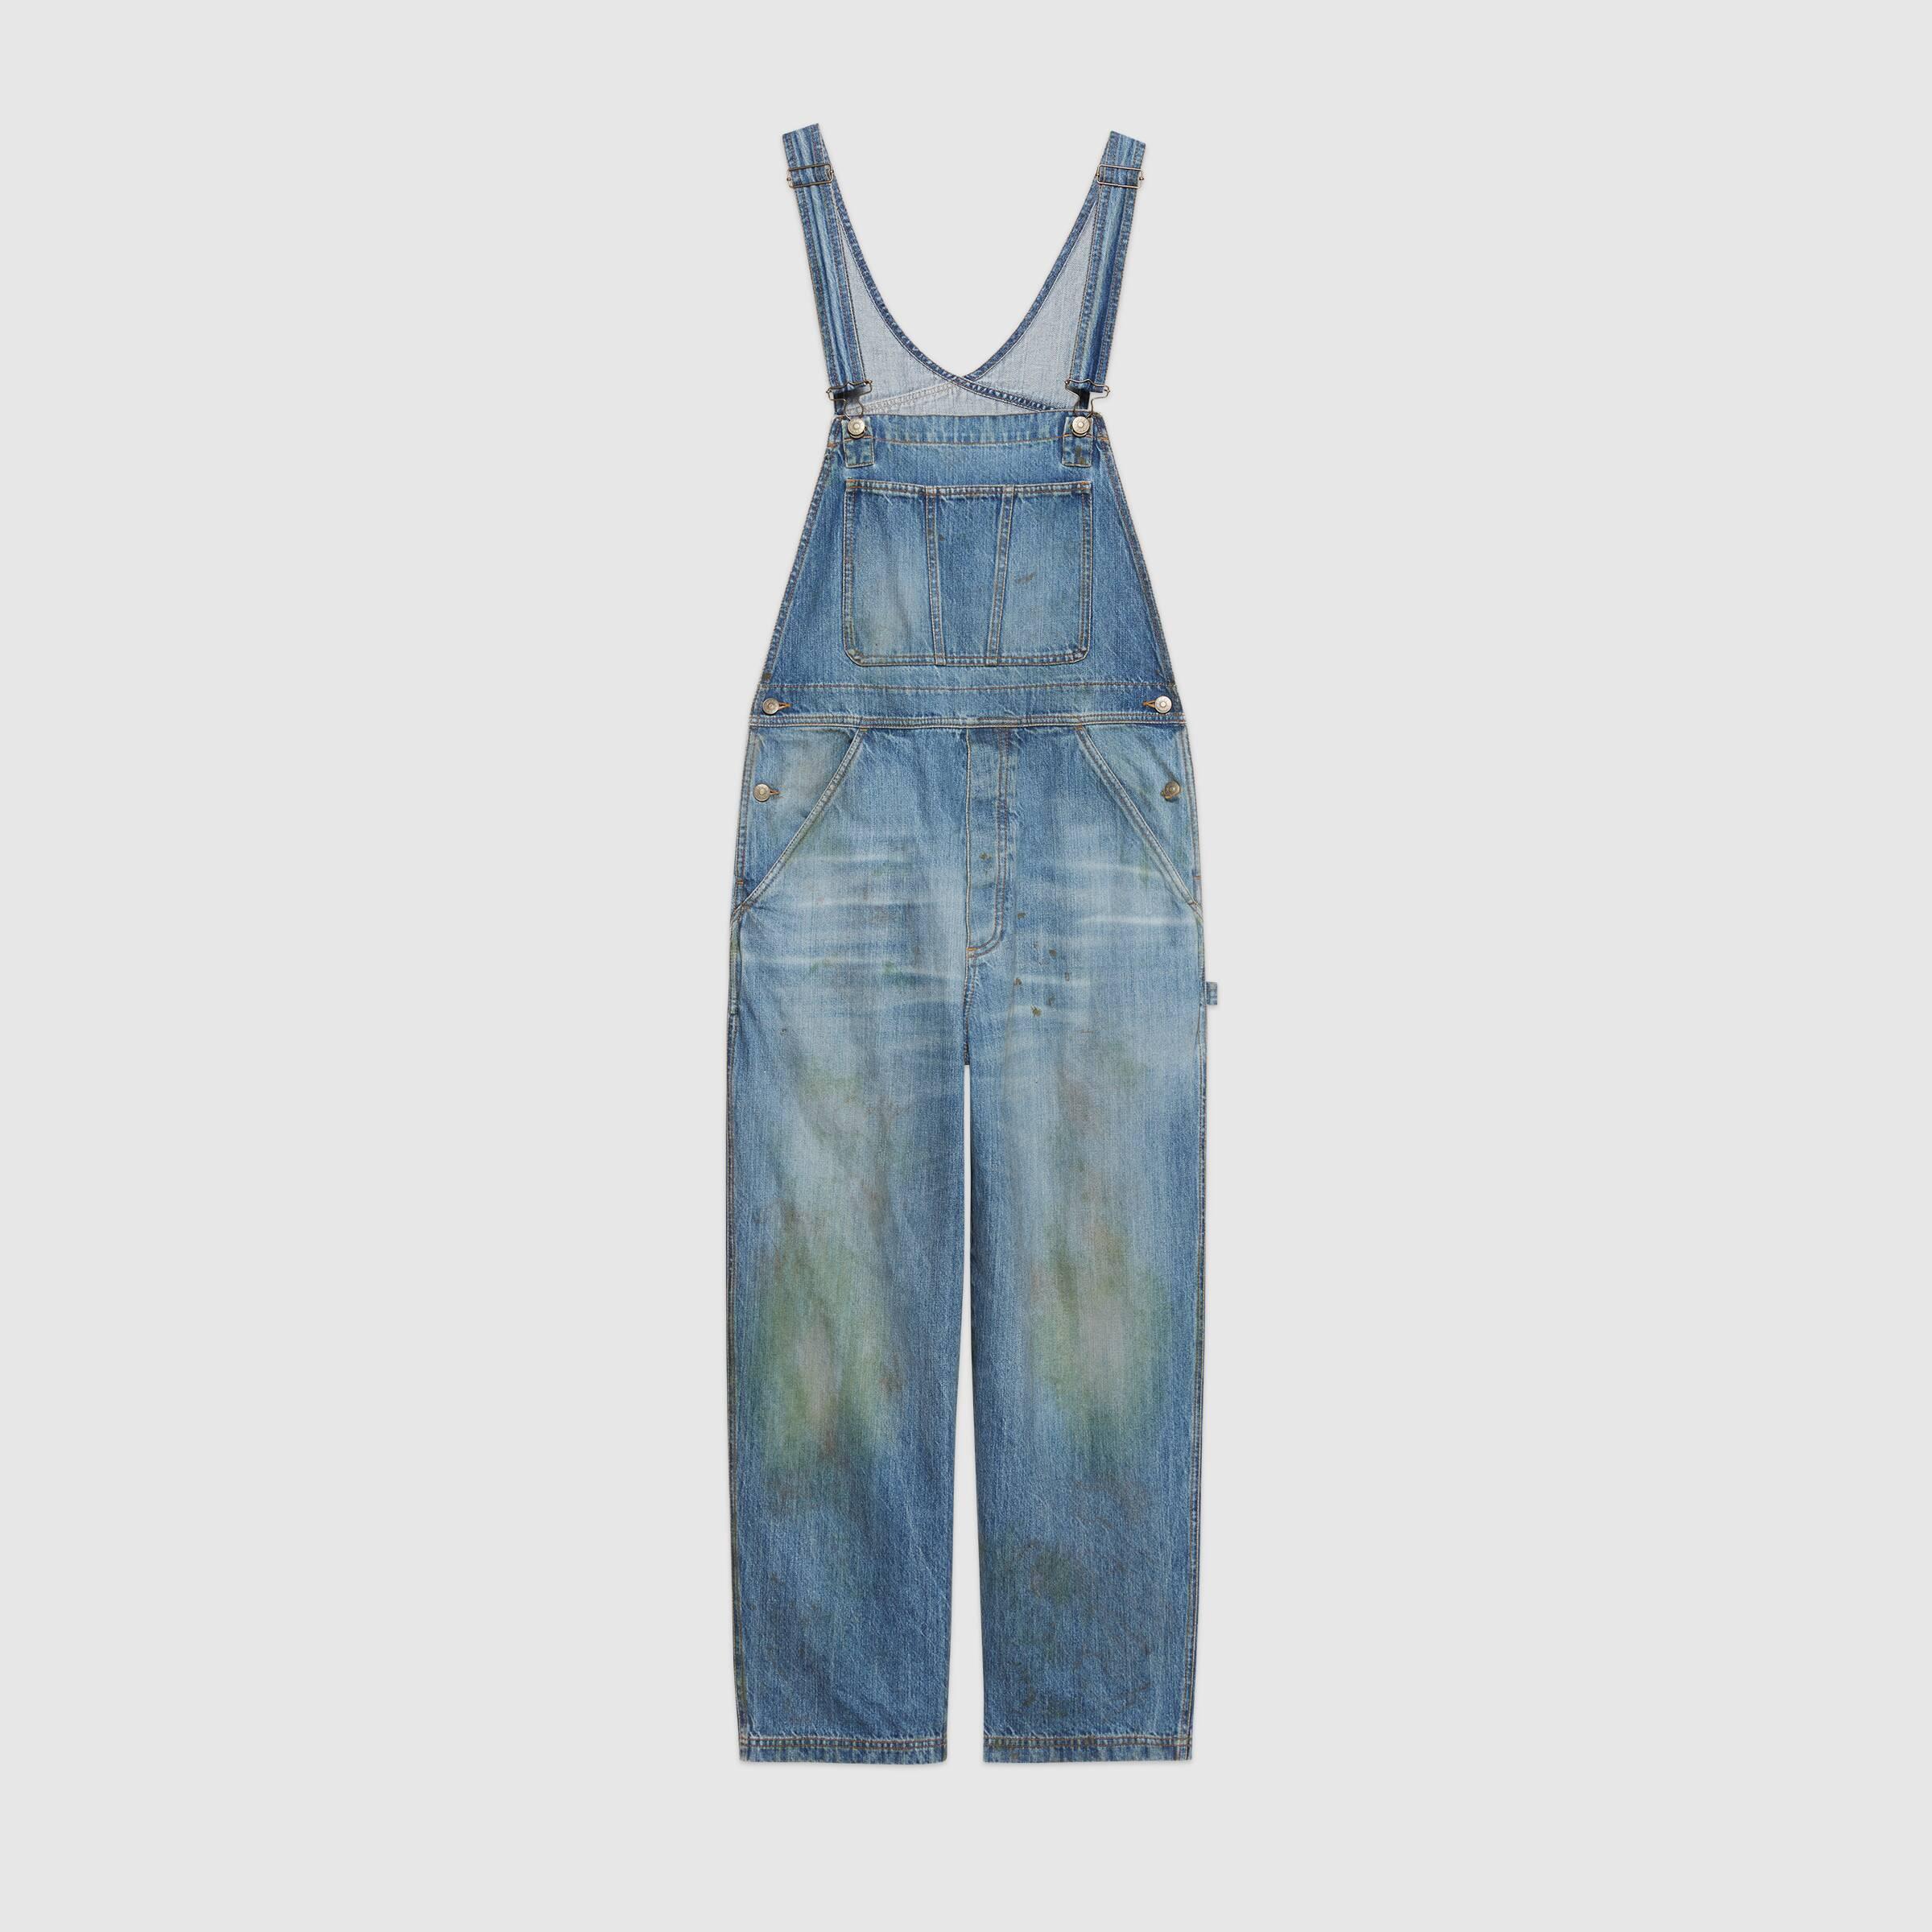 Macacão jeans vendido pela Gucci